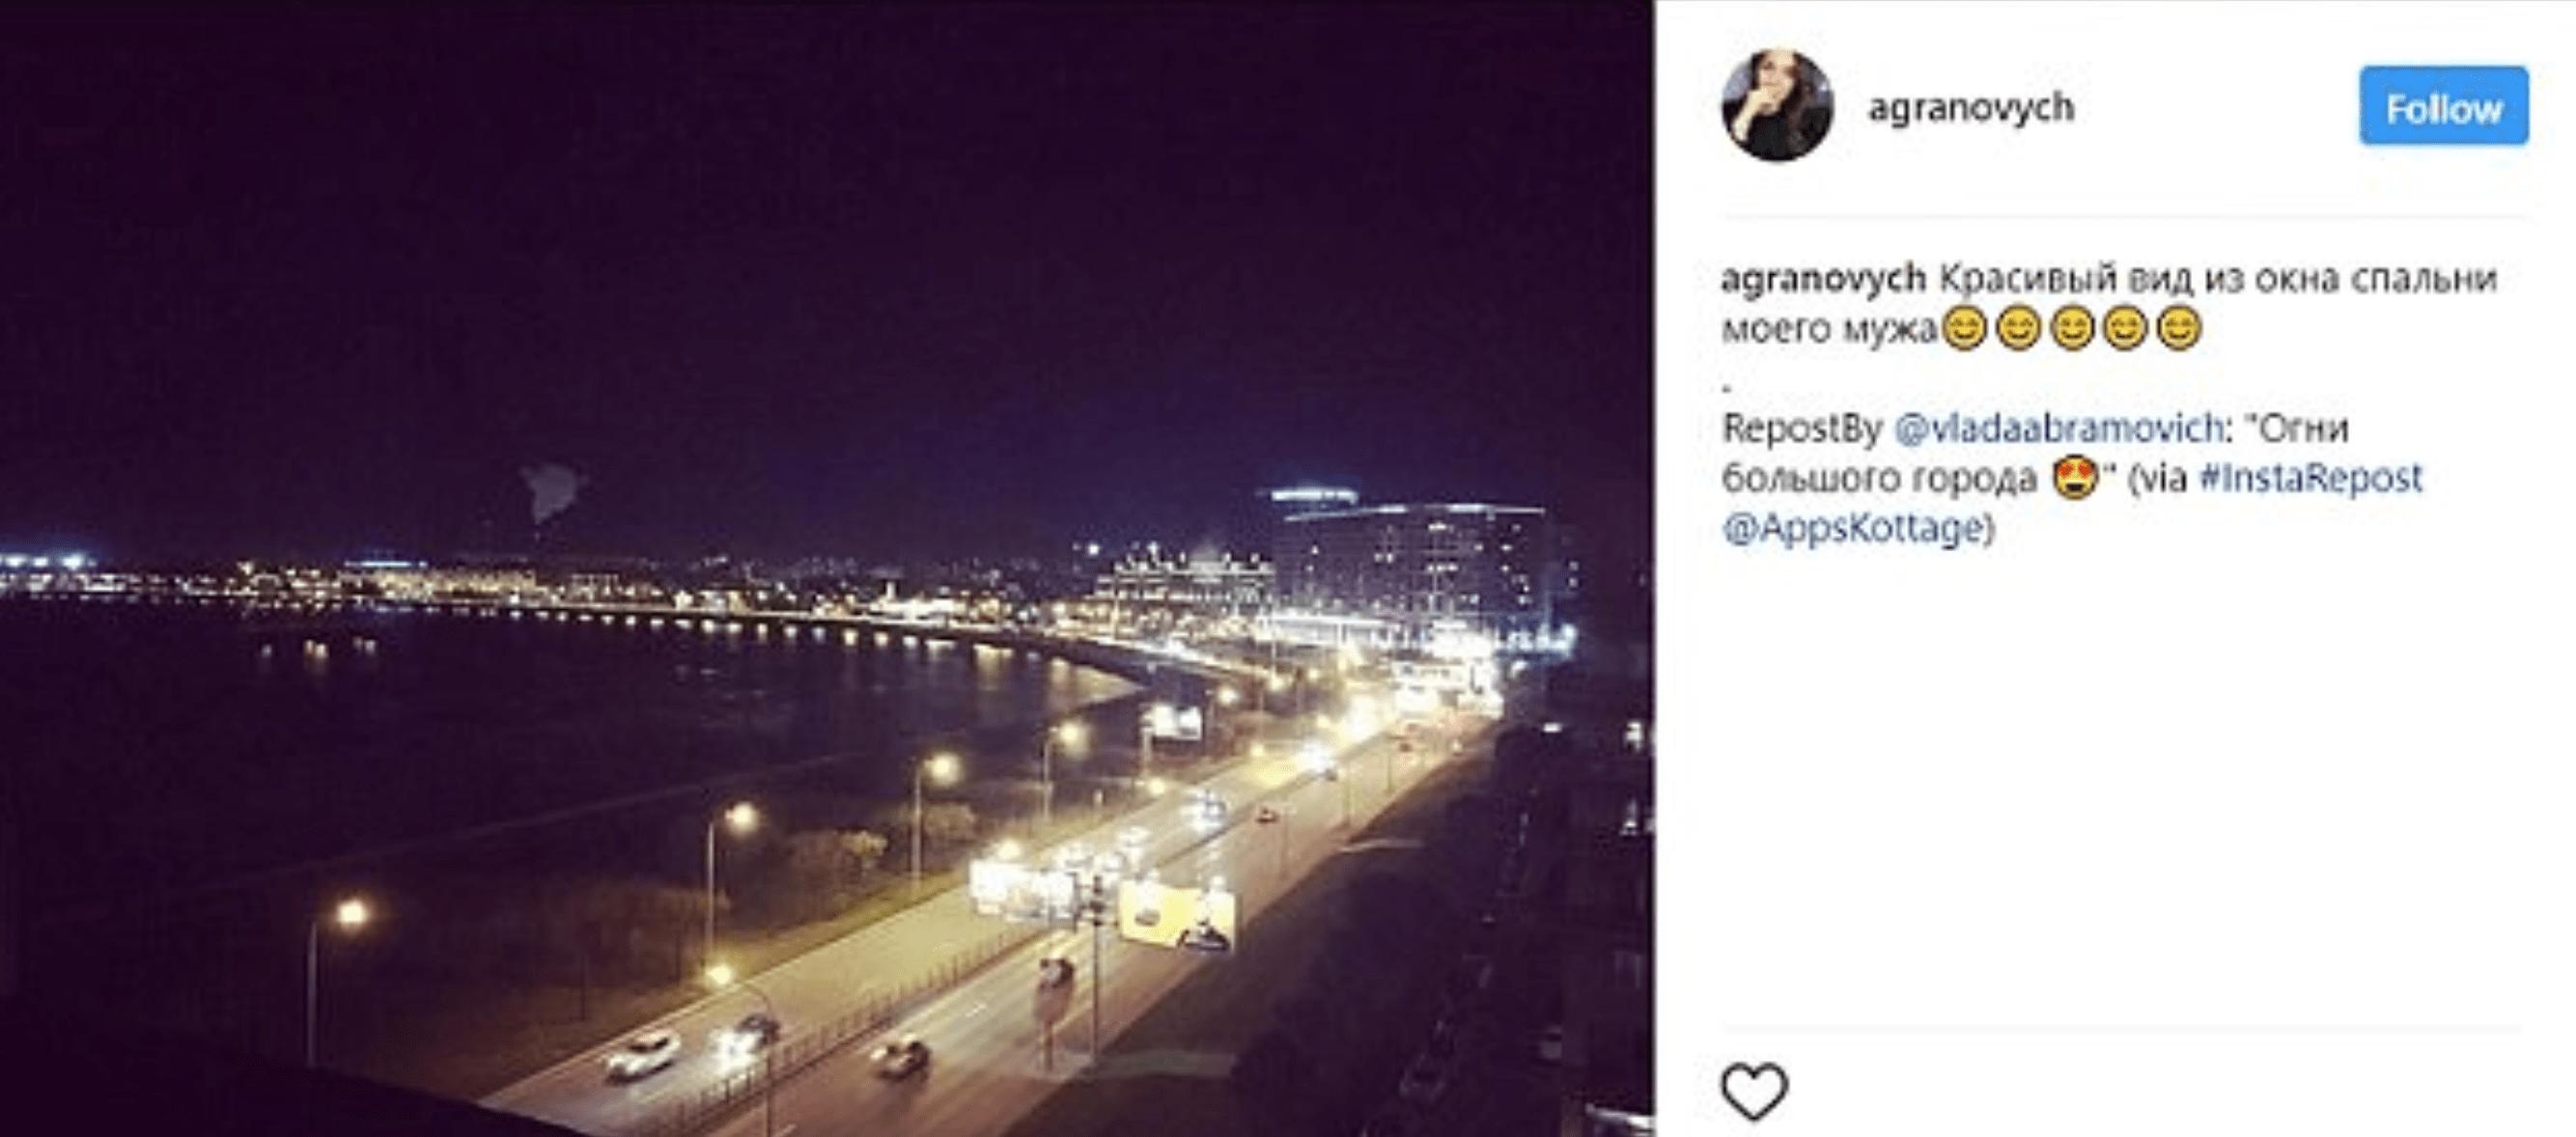 Il marito la tradisce e lo scopre su Instagram da una foto postata dall'amante